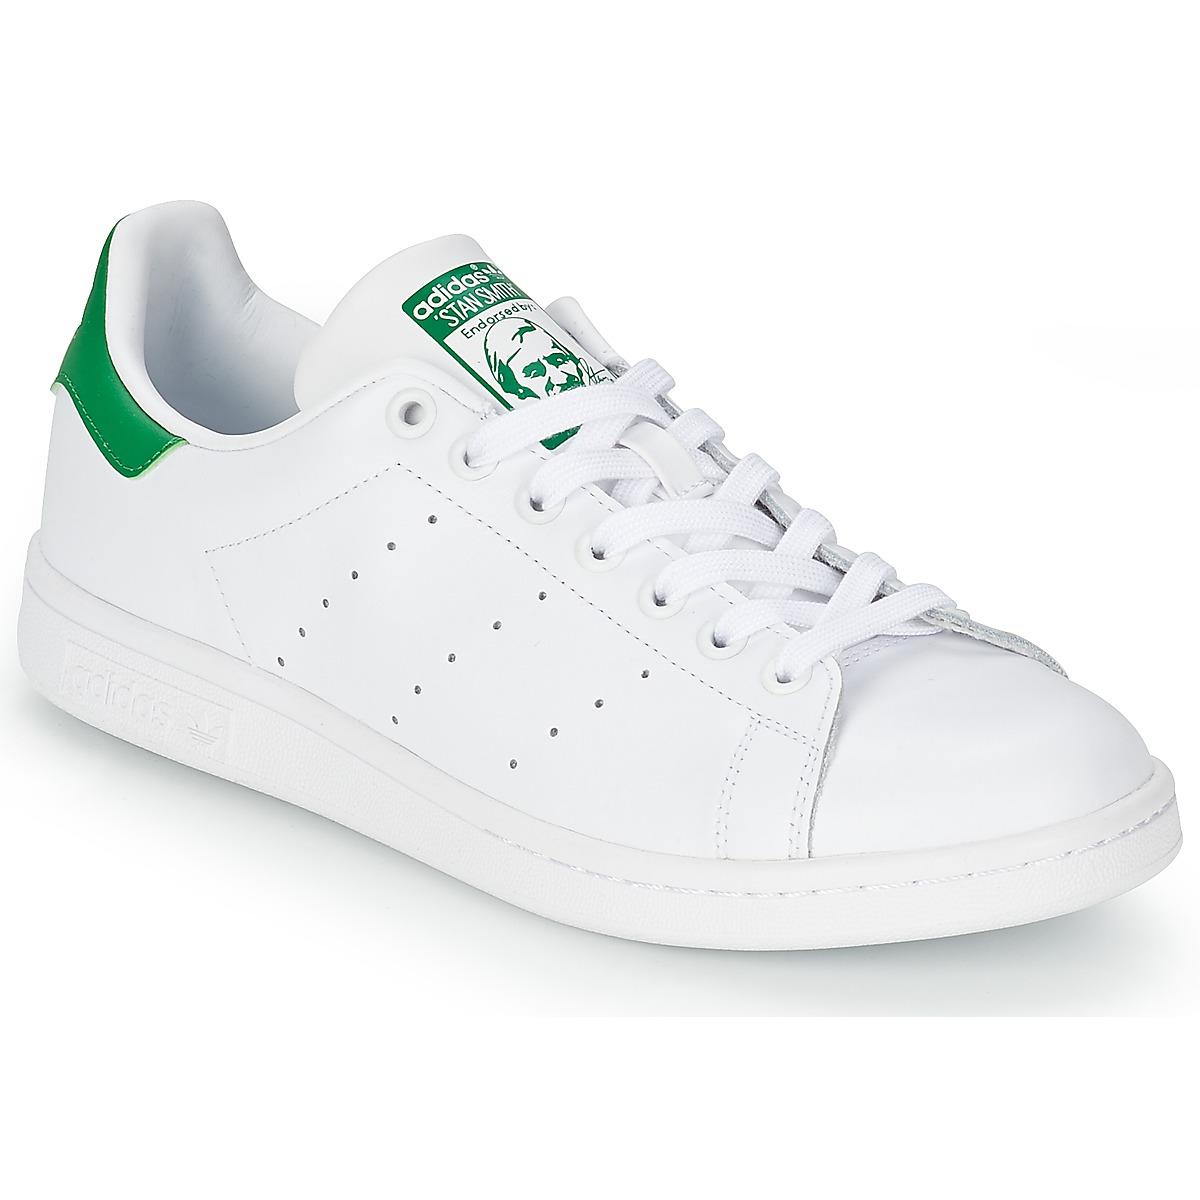 adidas Originals STAN SMITH Weiss / Grün - Kostenloser Versand bei Spartoode ! - Schuhe Sneaker Low  75,96 €